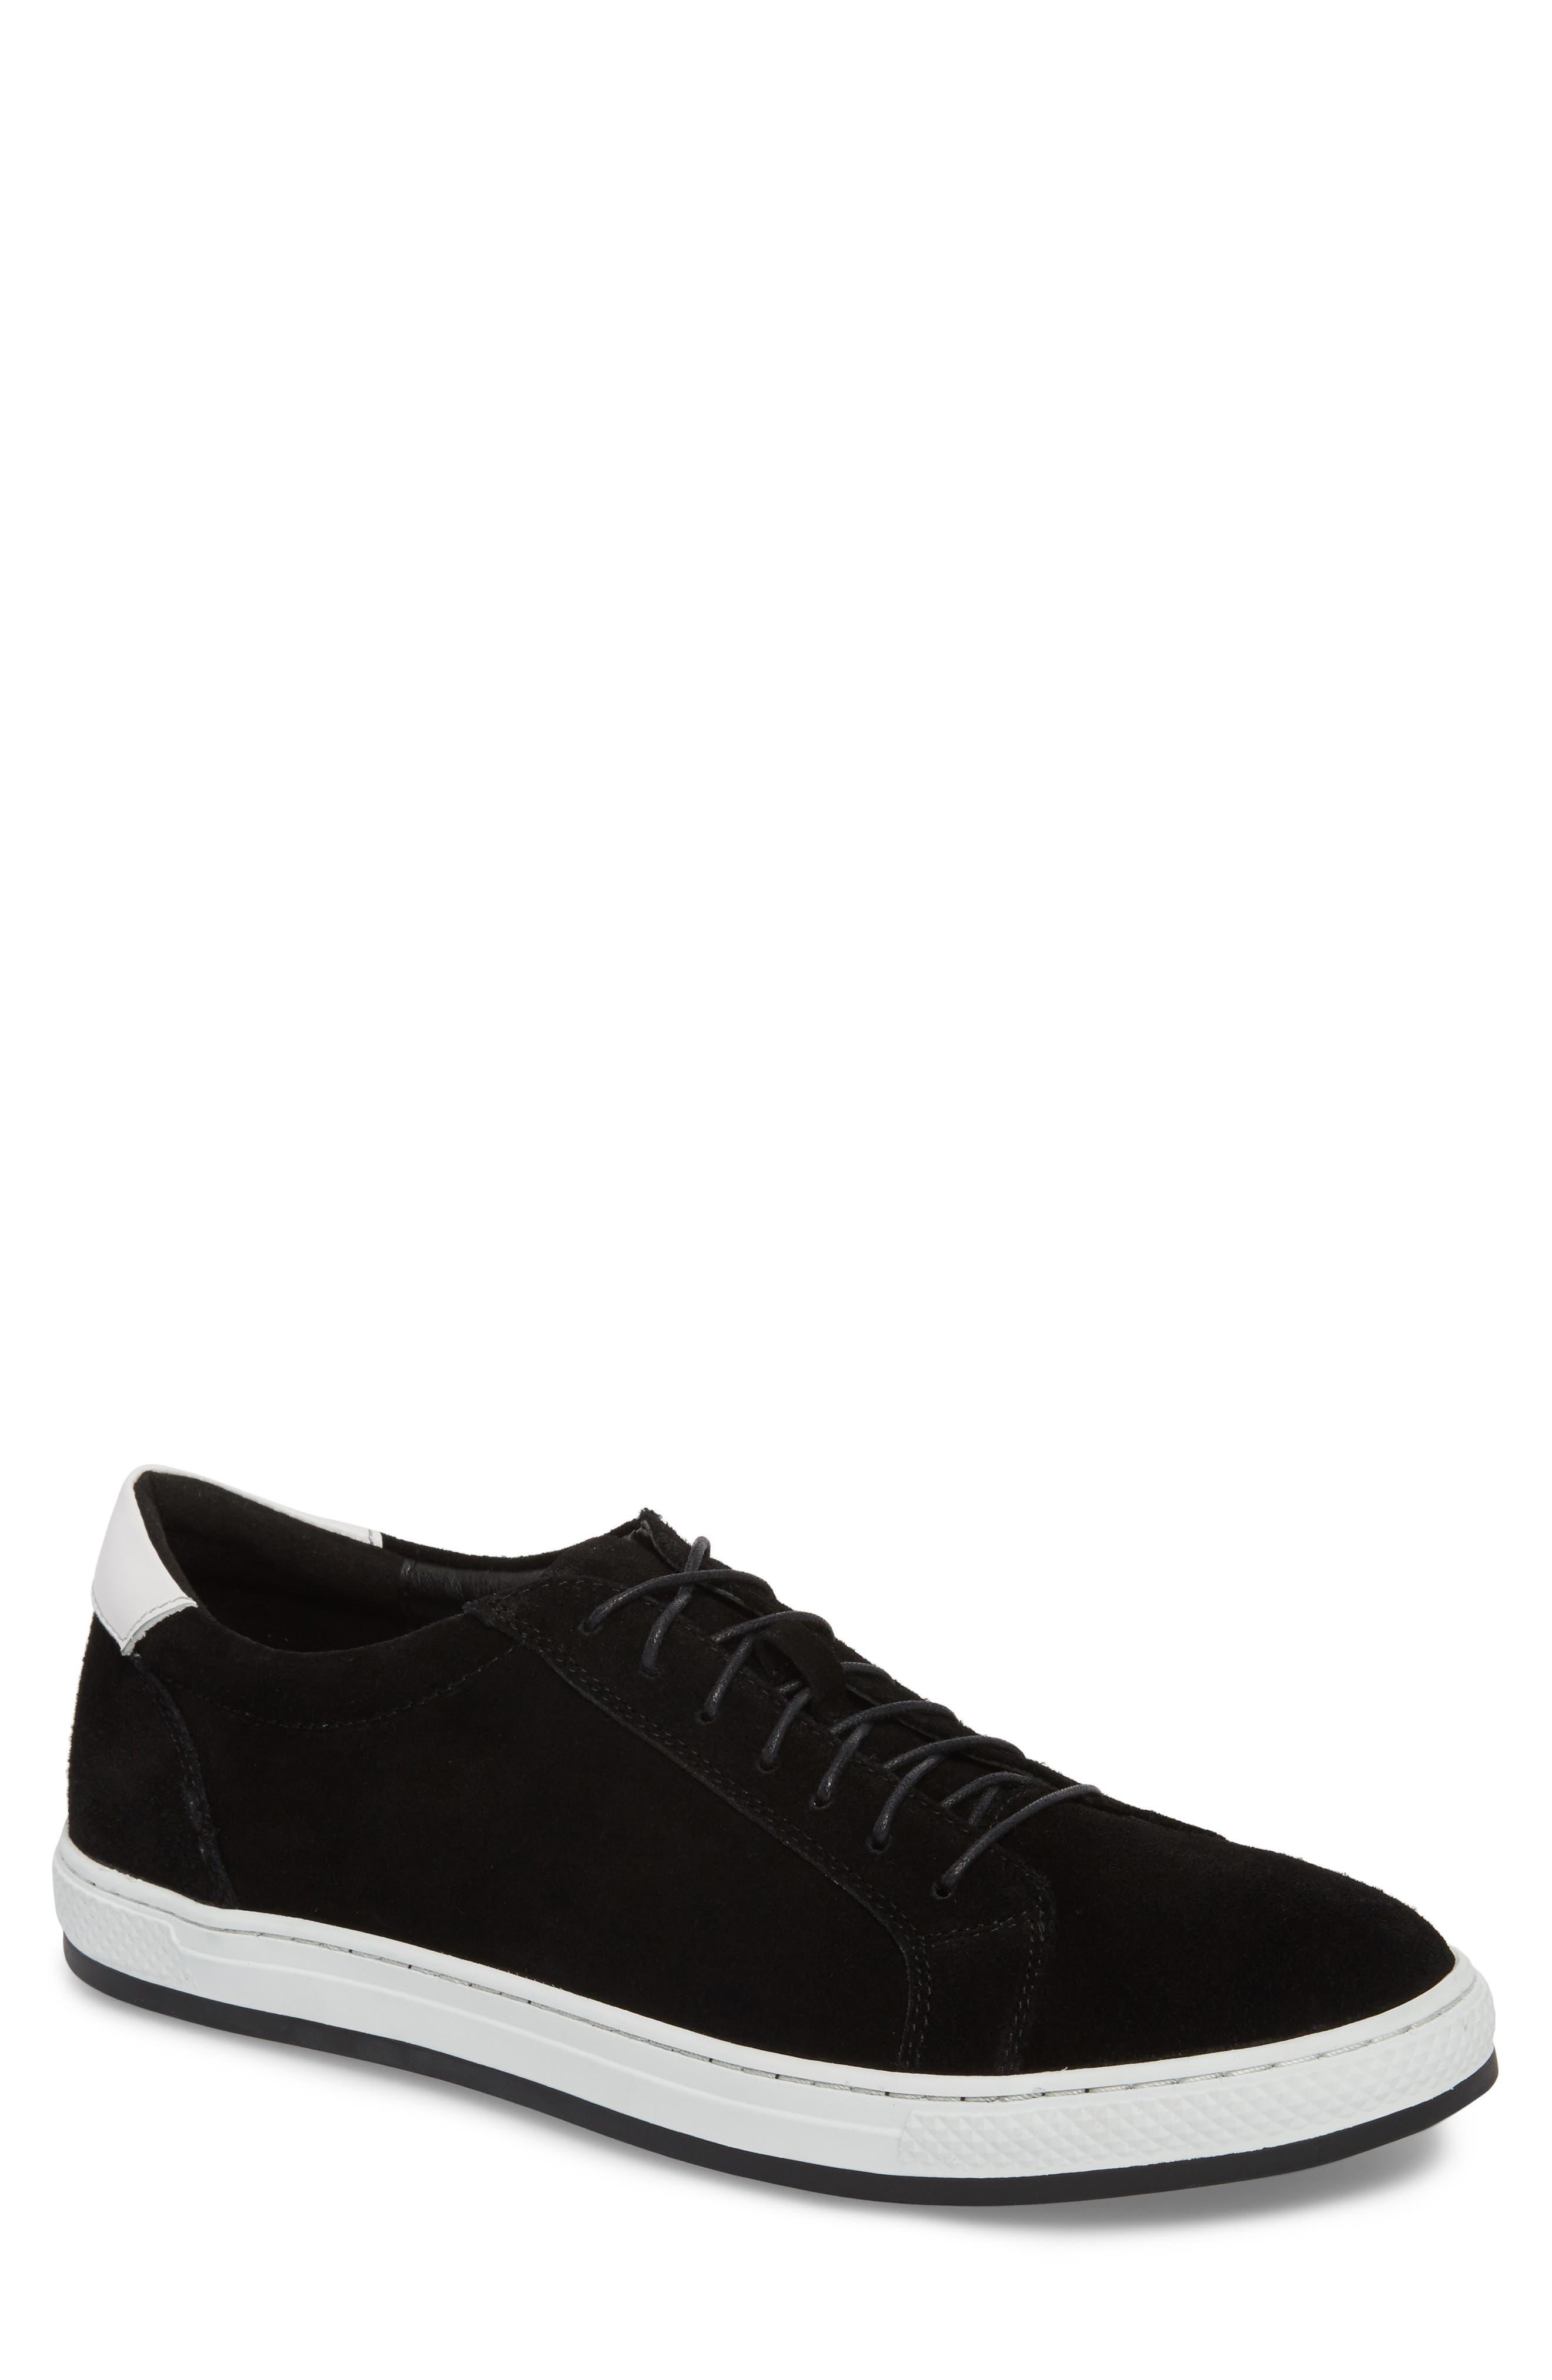 Queens Sneaker,                         Main,                         color, Black Suede